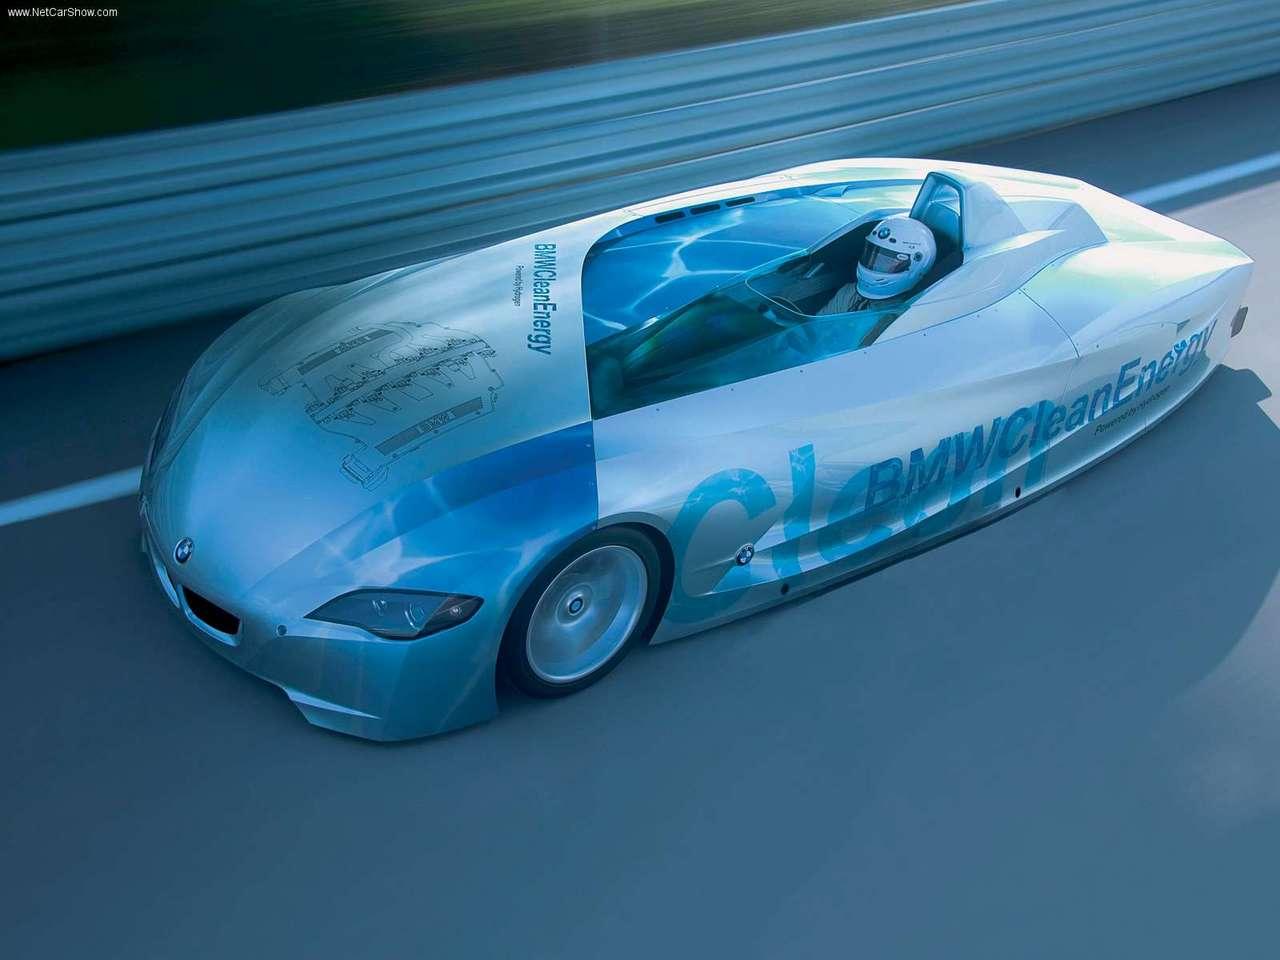 http://4.bp.blogspot.com/_vPMjJG-enrk/TAOUh767ZKI/AAAAAAAACkk/fqExdYtO53Y/s1600/BMW-H2R_2005_1280x960_wallpaper_05.jpg